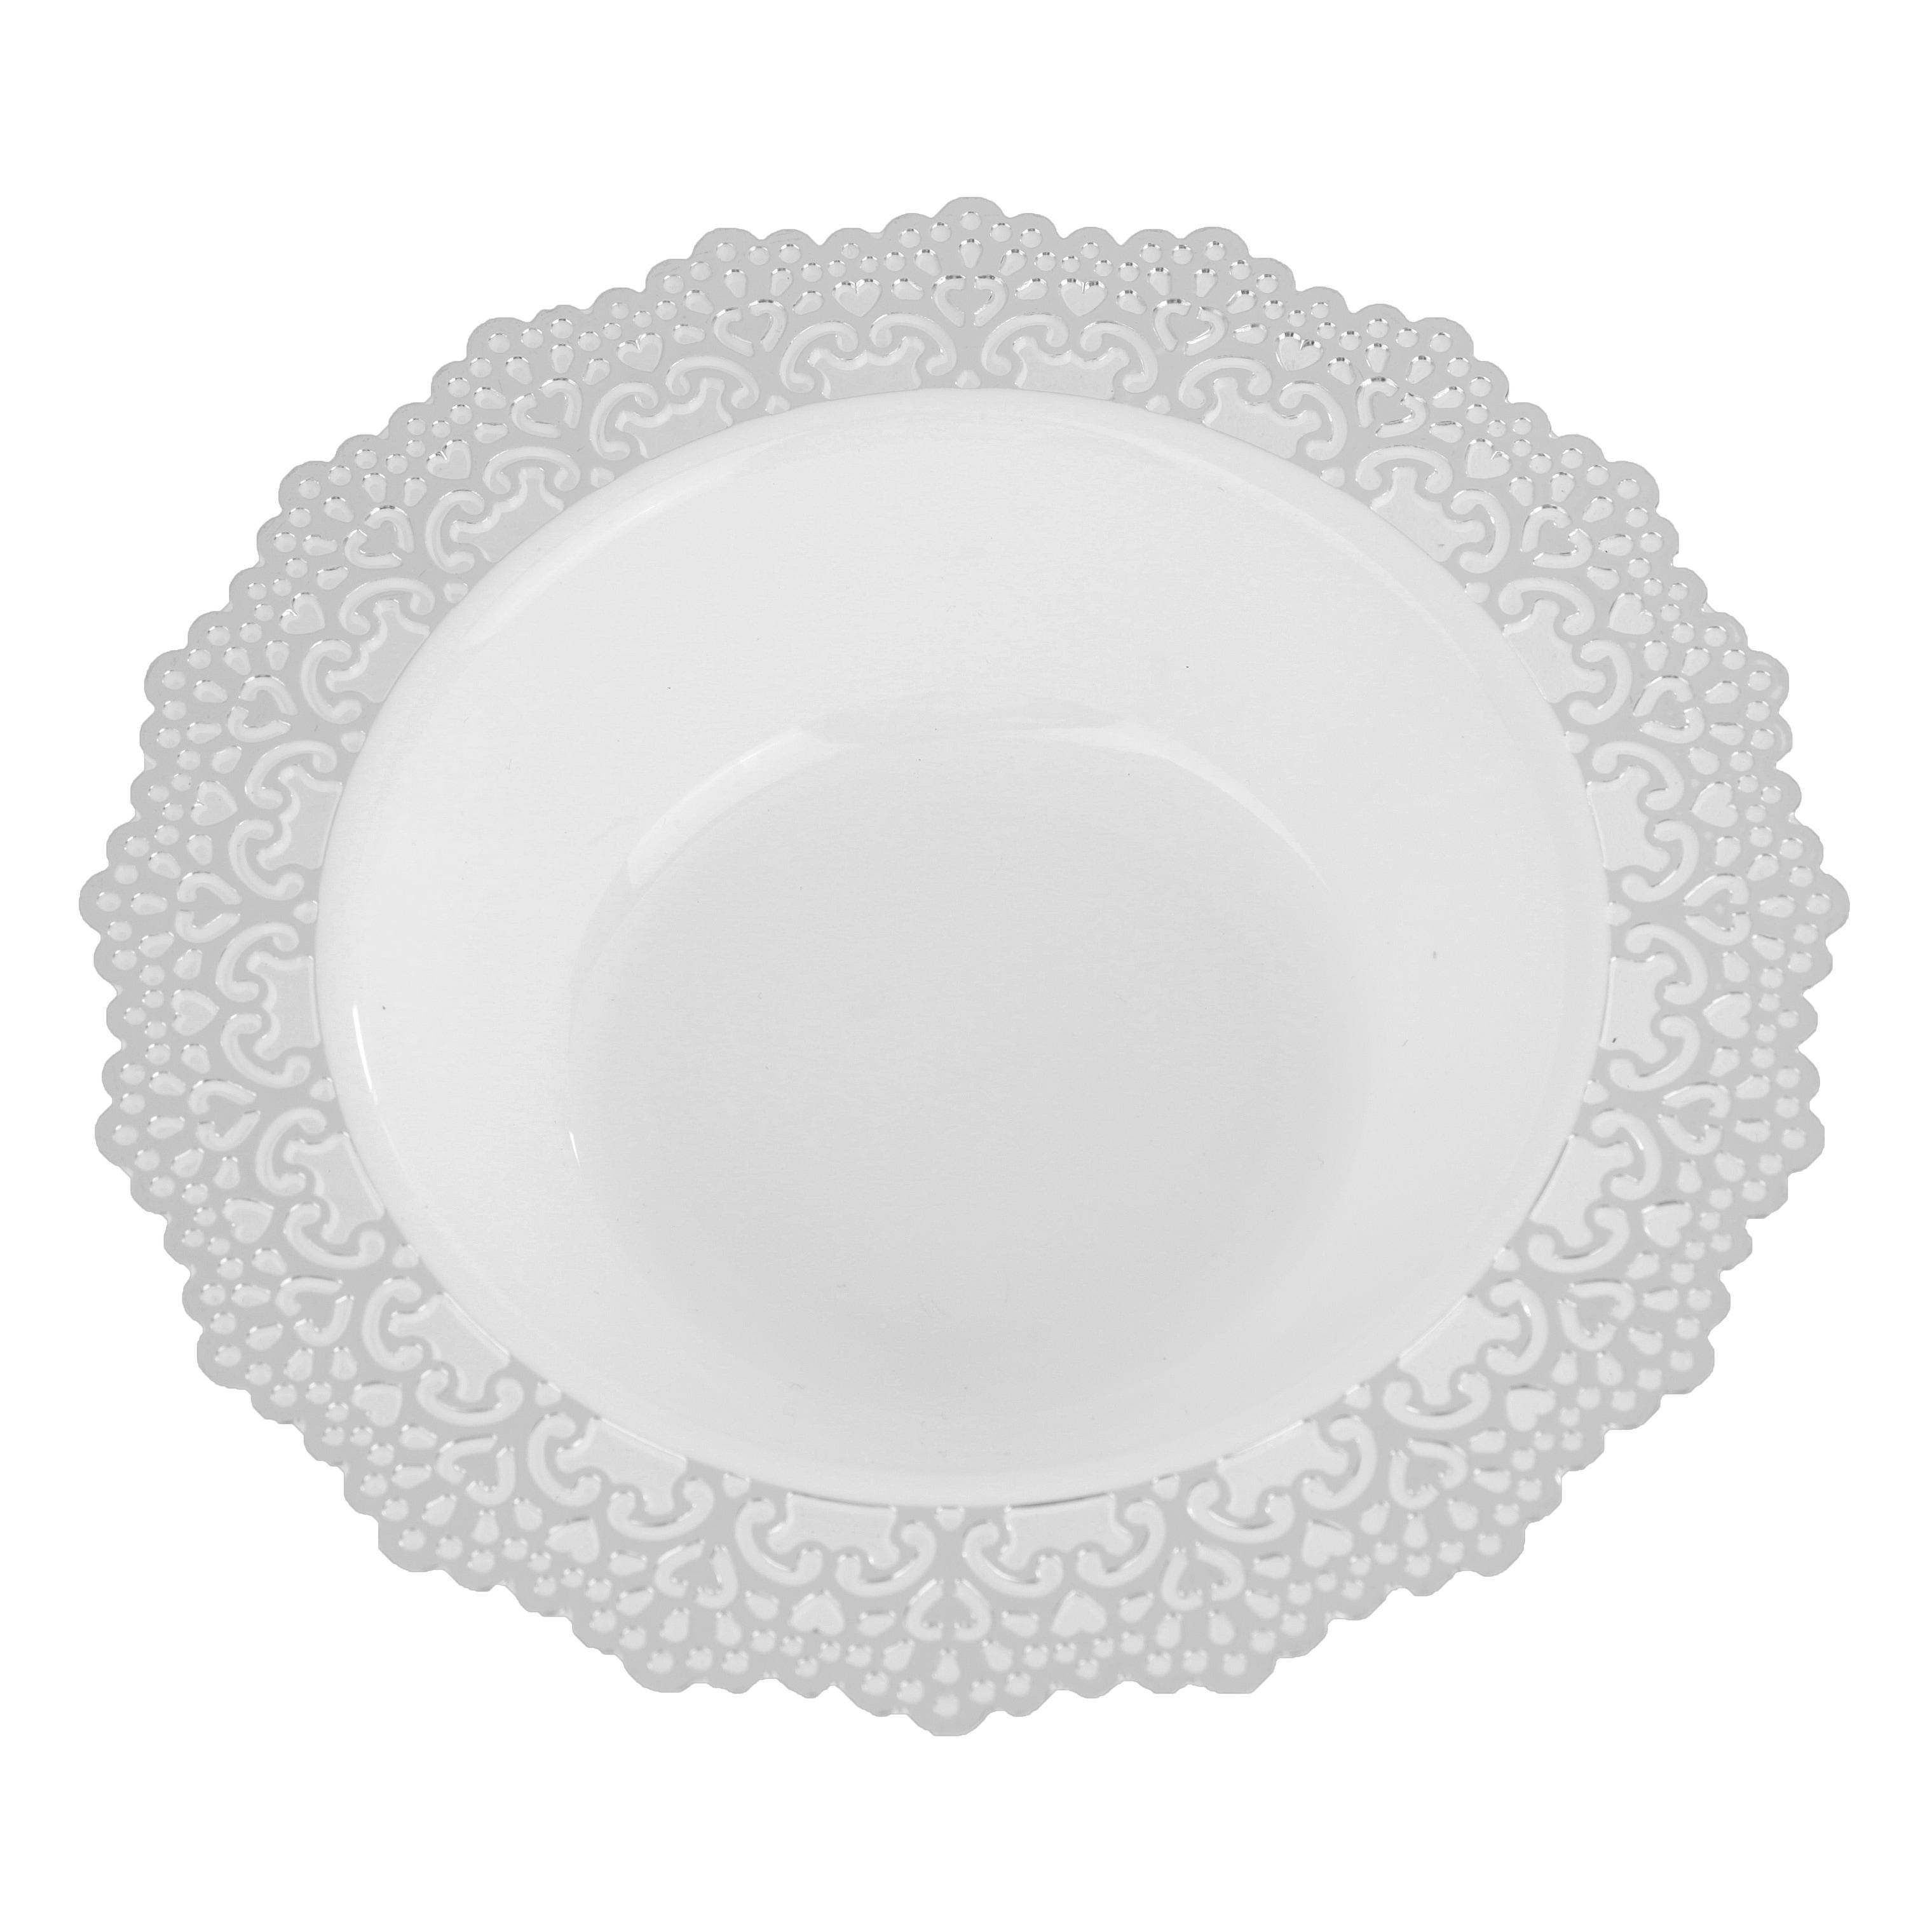 Elegant Plastic White Soup/Salad Bowl Plates Silver Lace ...